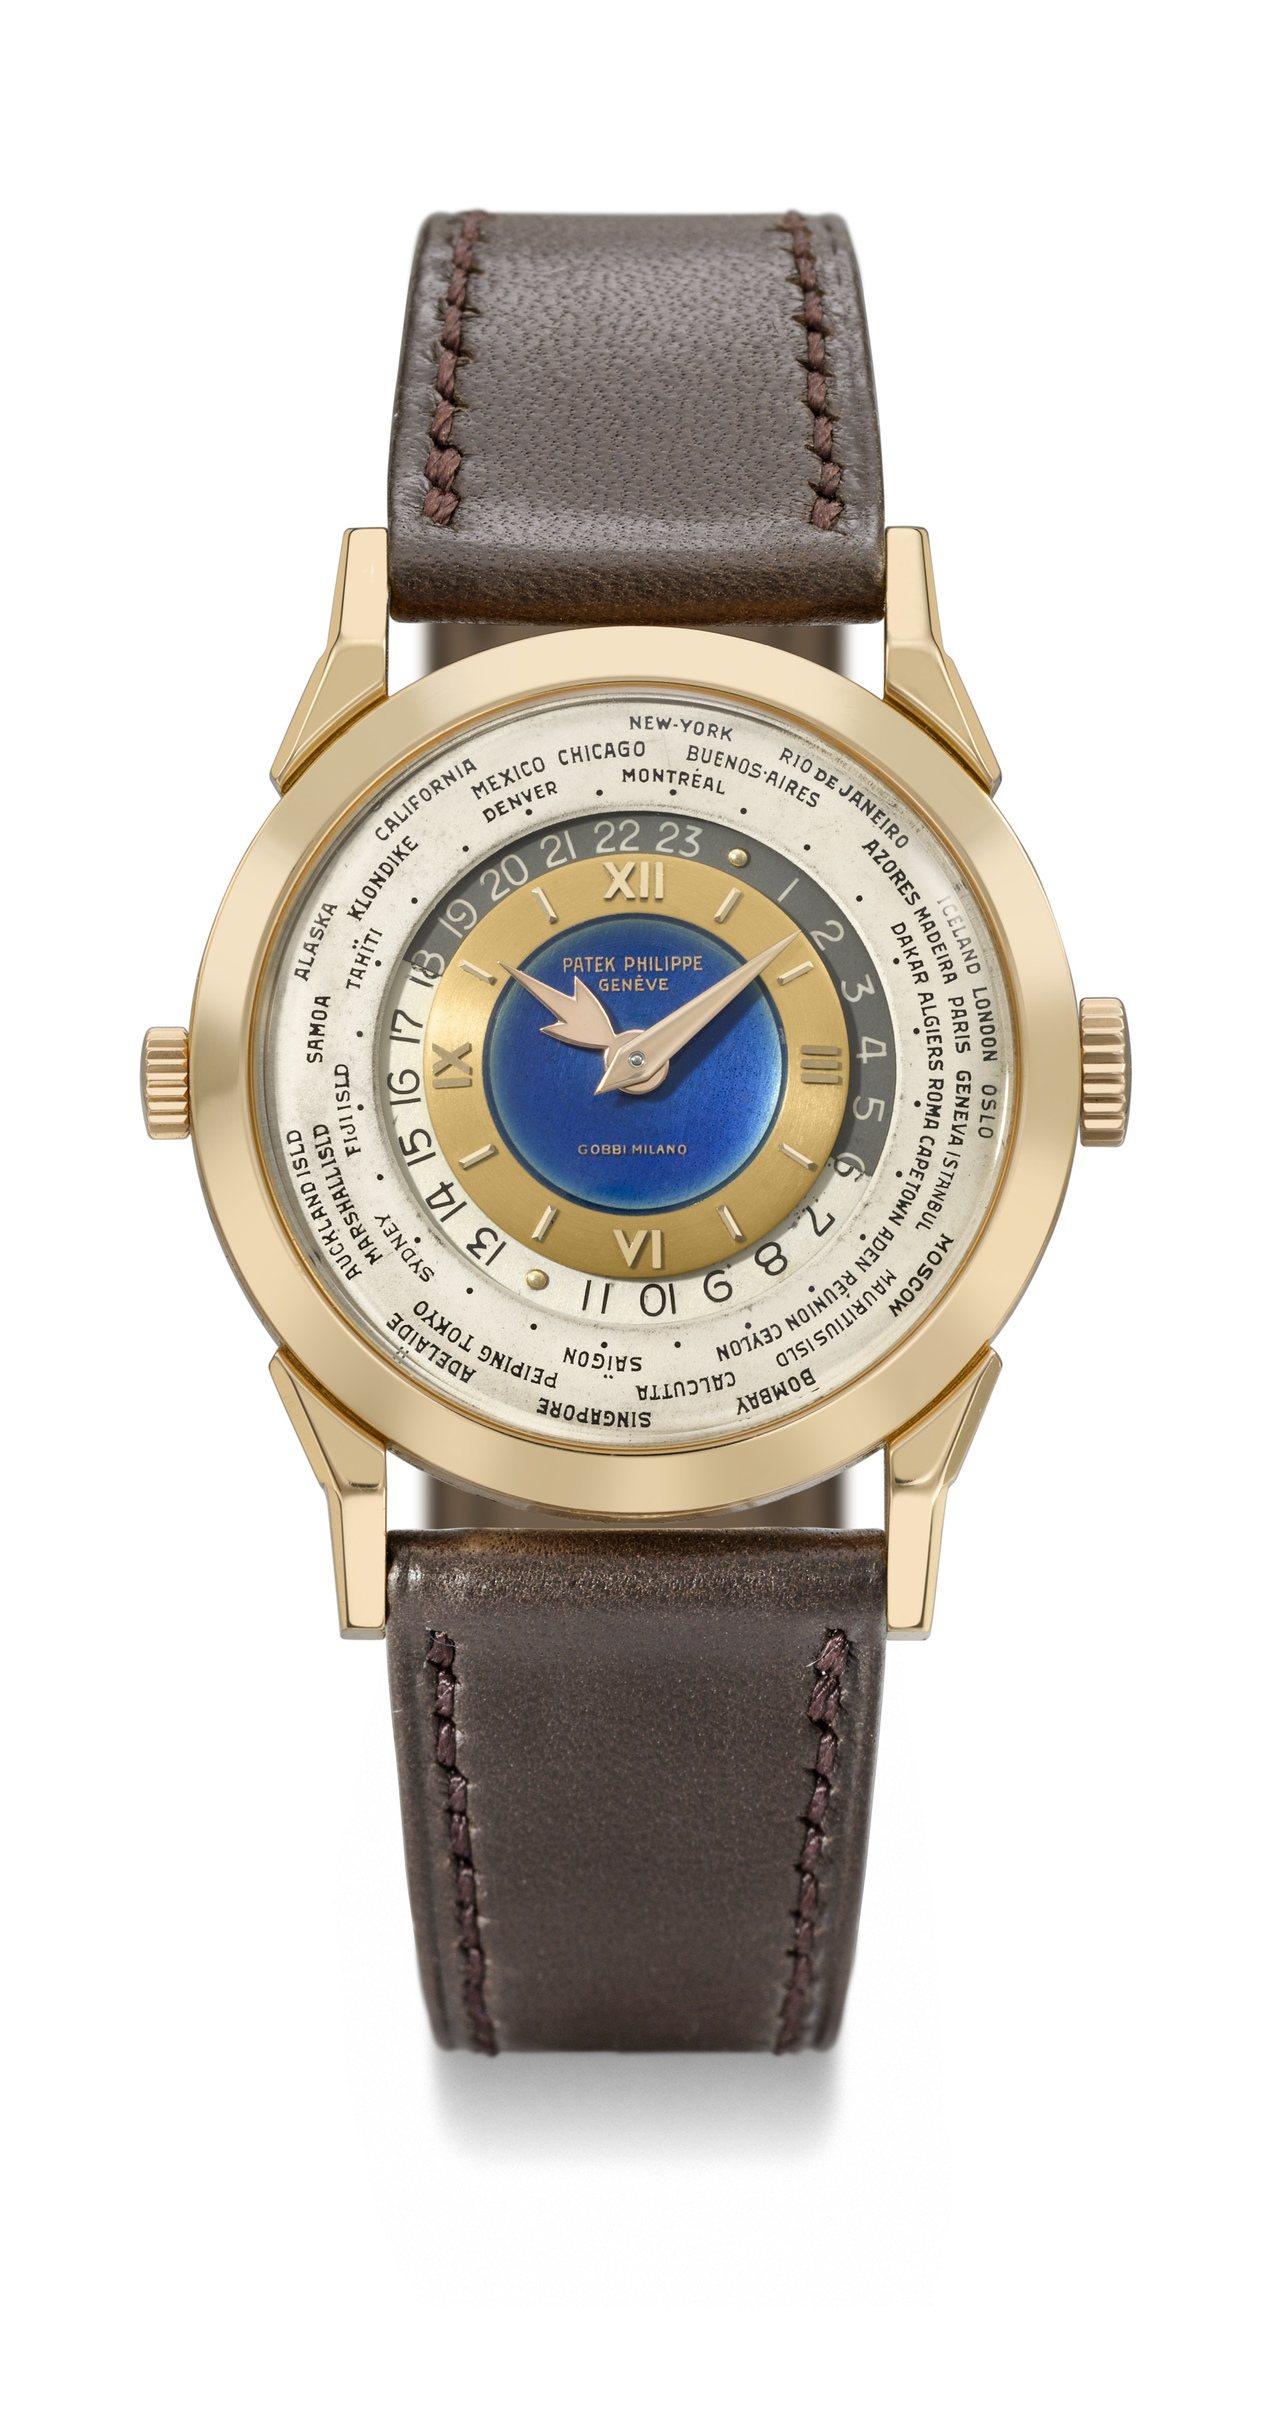 佳士得香港秋拍名表領銜的百達翡麗型號2523玫瑰金雙表冠世界時間腕表,估價約2億...